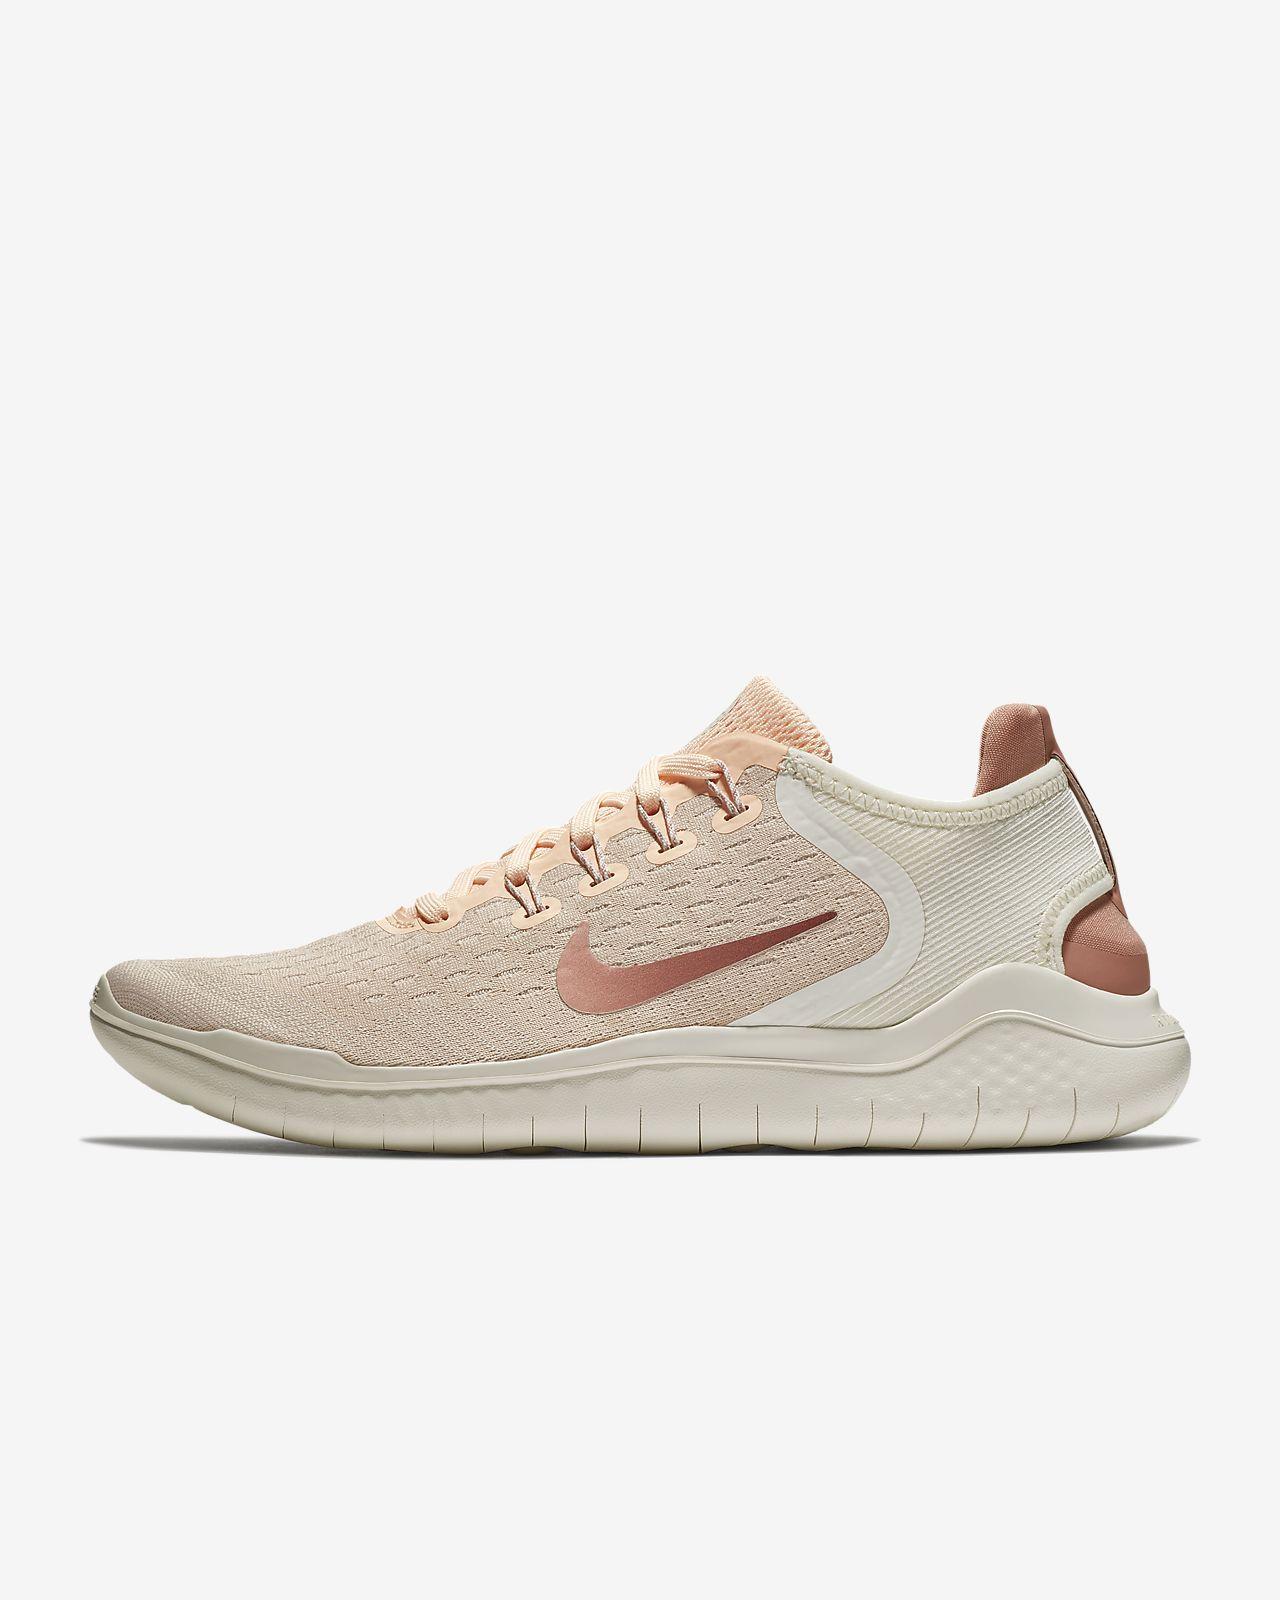 Nike Free Rn 2018 Women S Running Shoe Womens Running Shoes Cushioned Running Shoes Nike Running Shoes Women